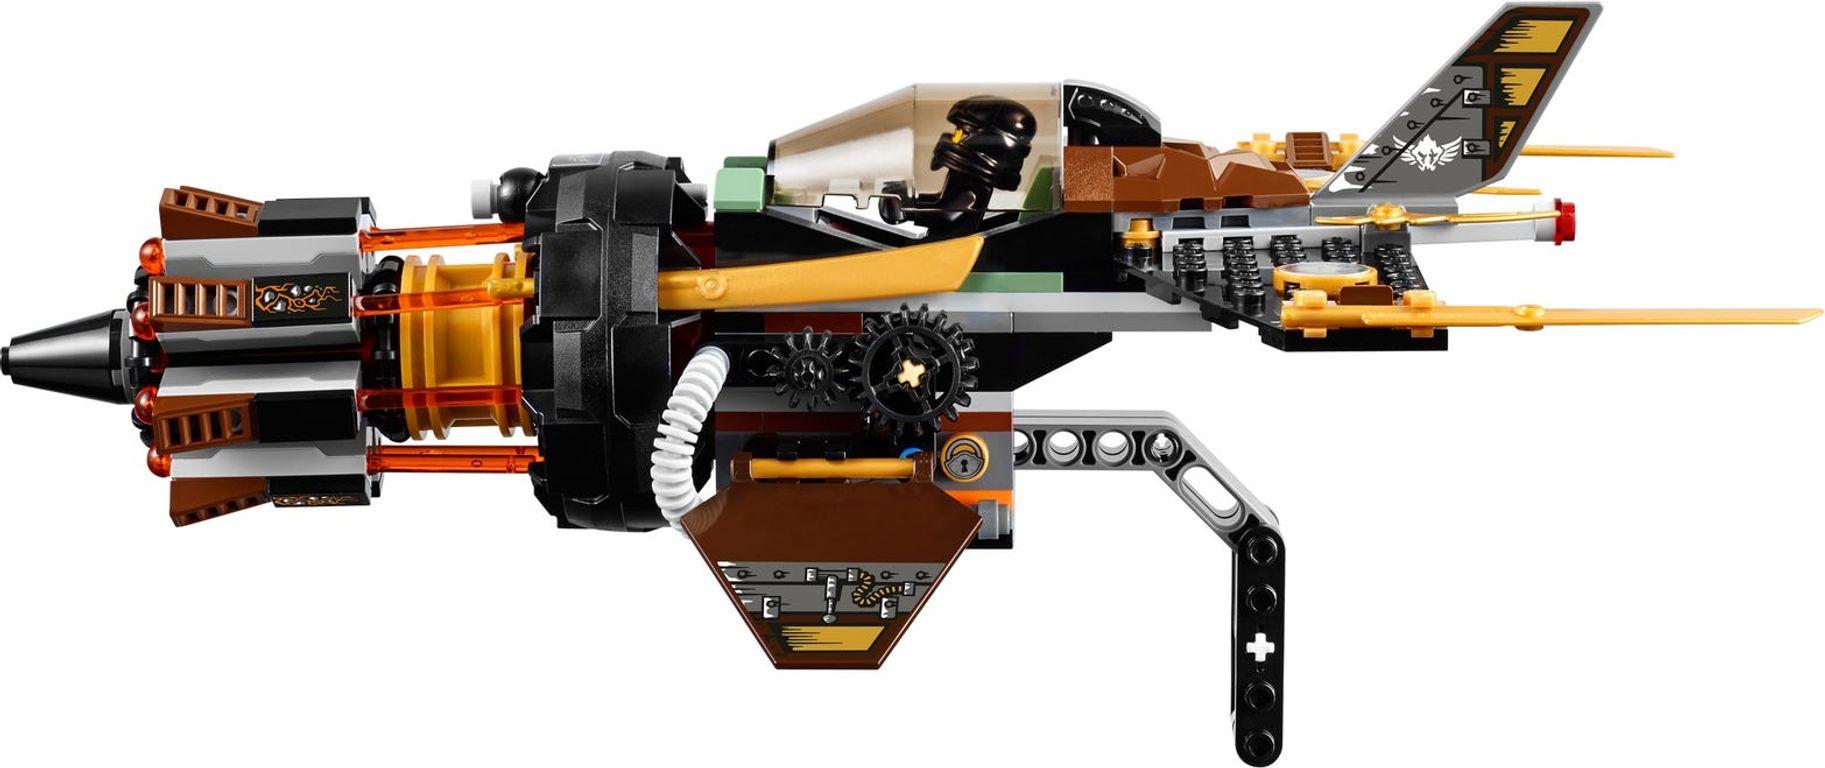 Boulder Blaster components